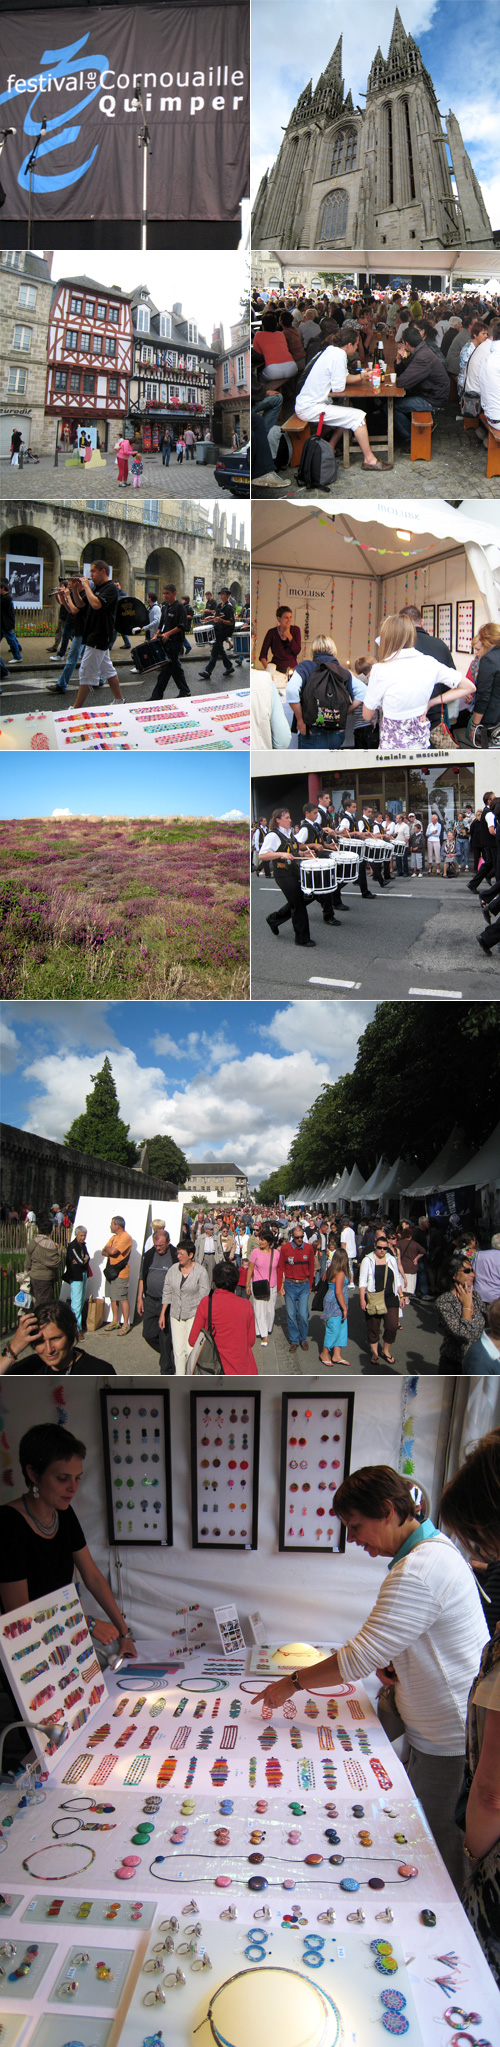 Festival de Cornouailles - Quimper - 2009